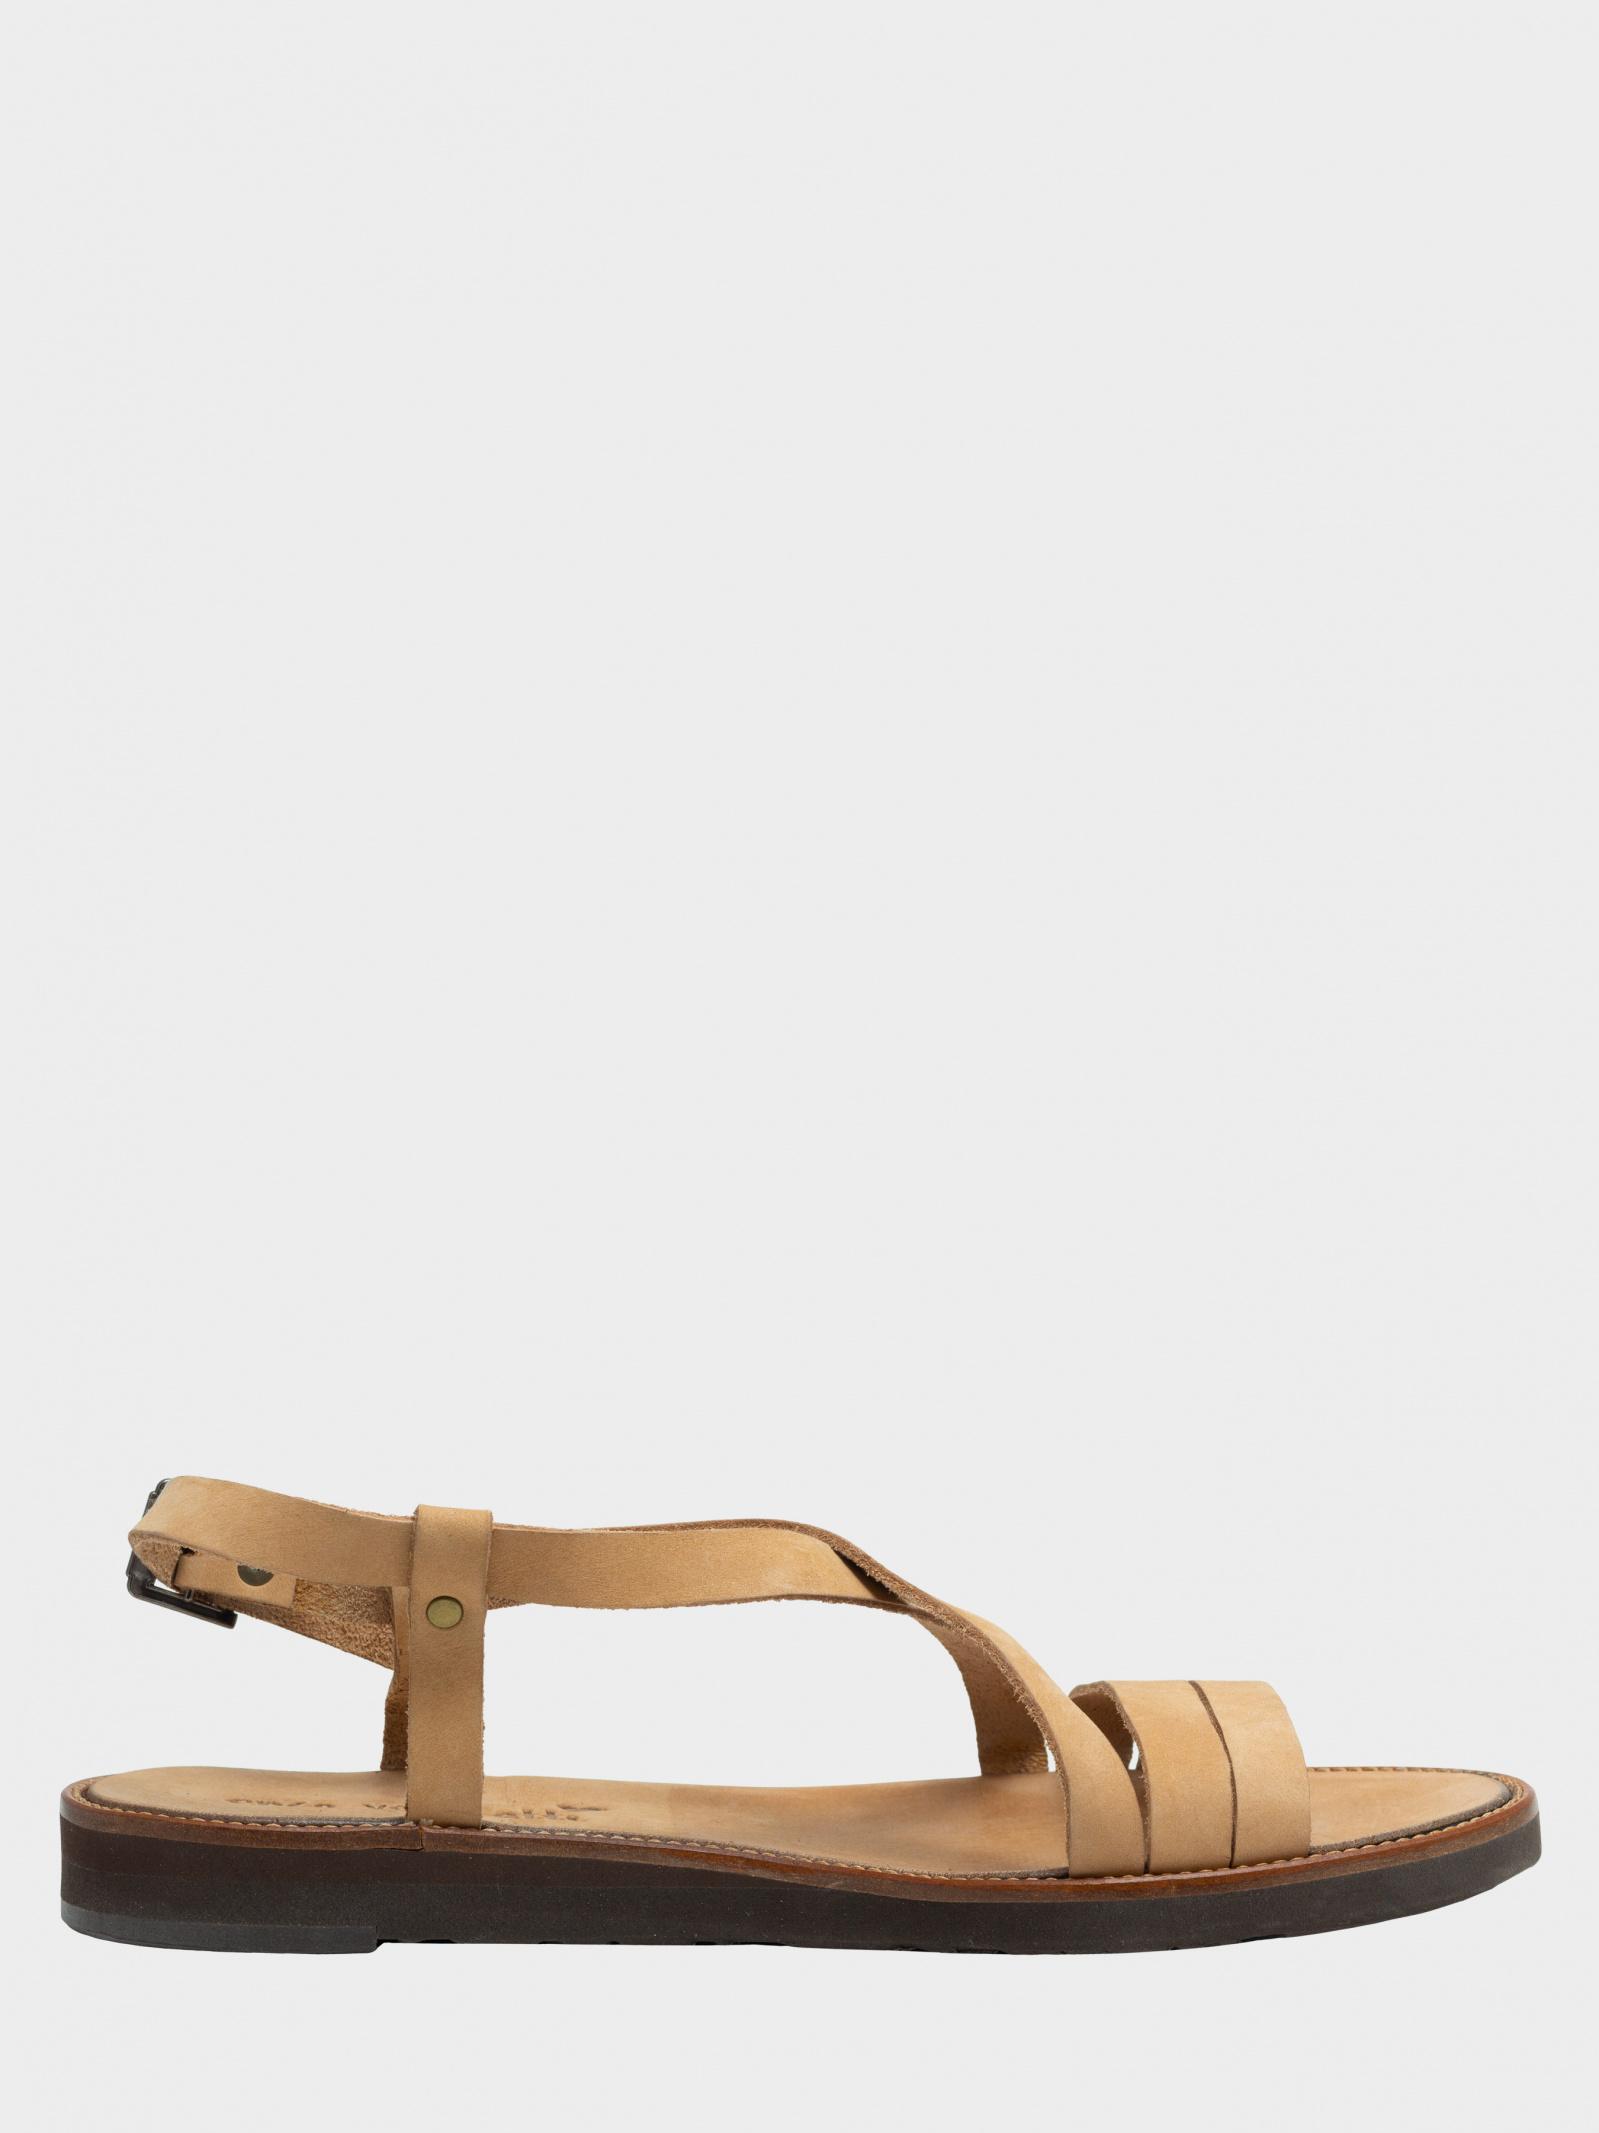 Сандалі  для жінок Enzo Verratti 18-1661b брендове взуття, 2017